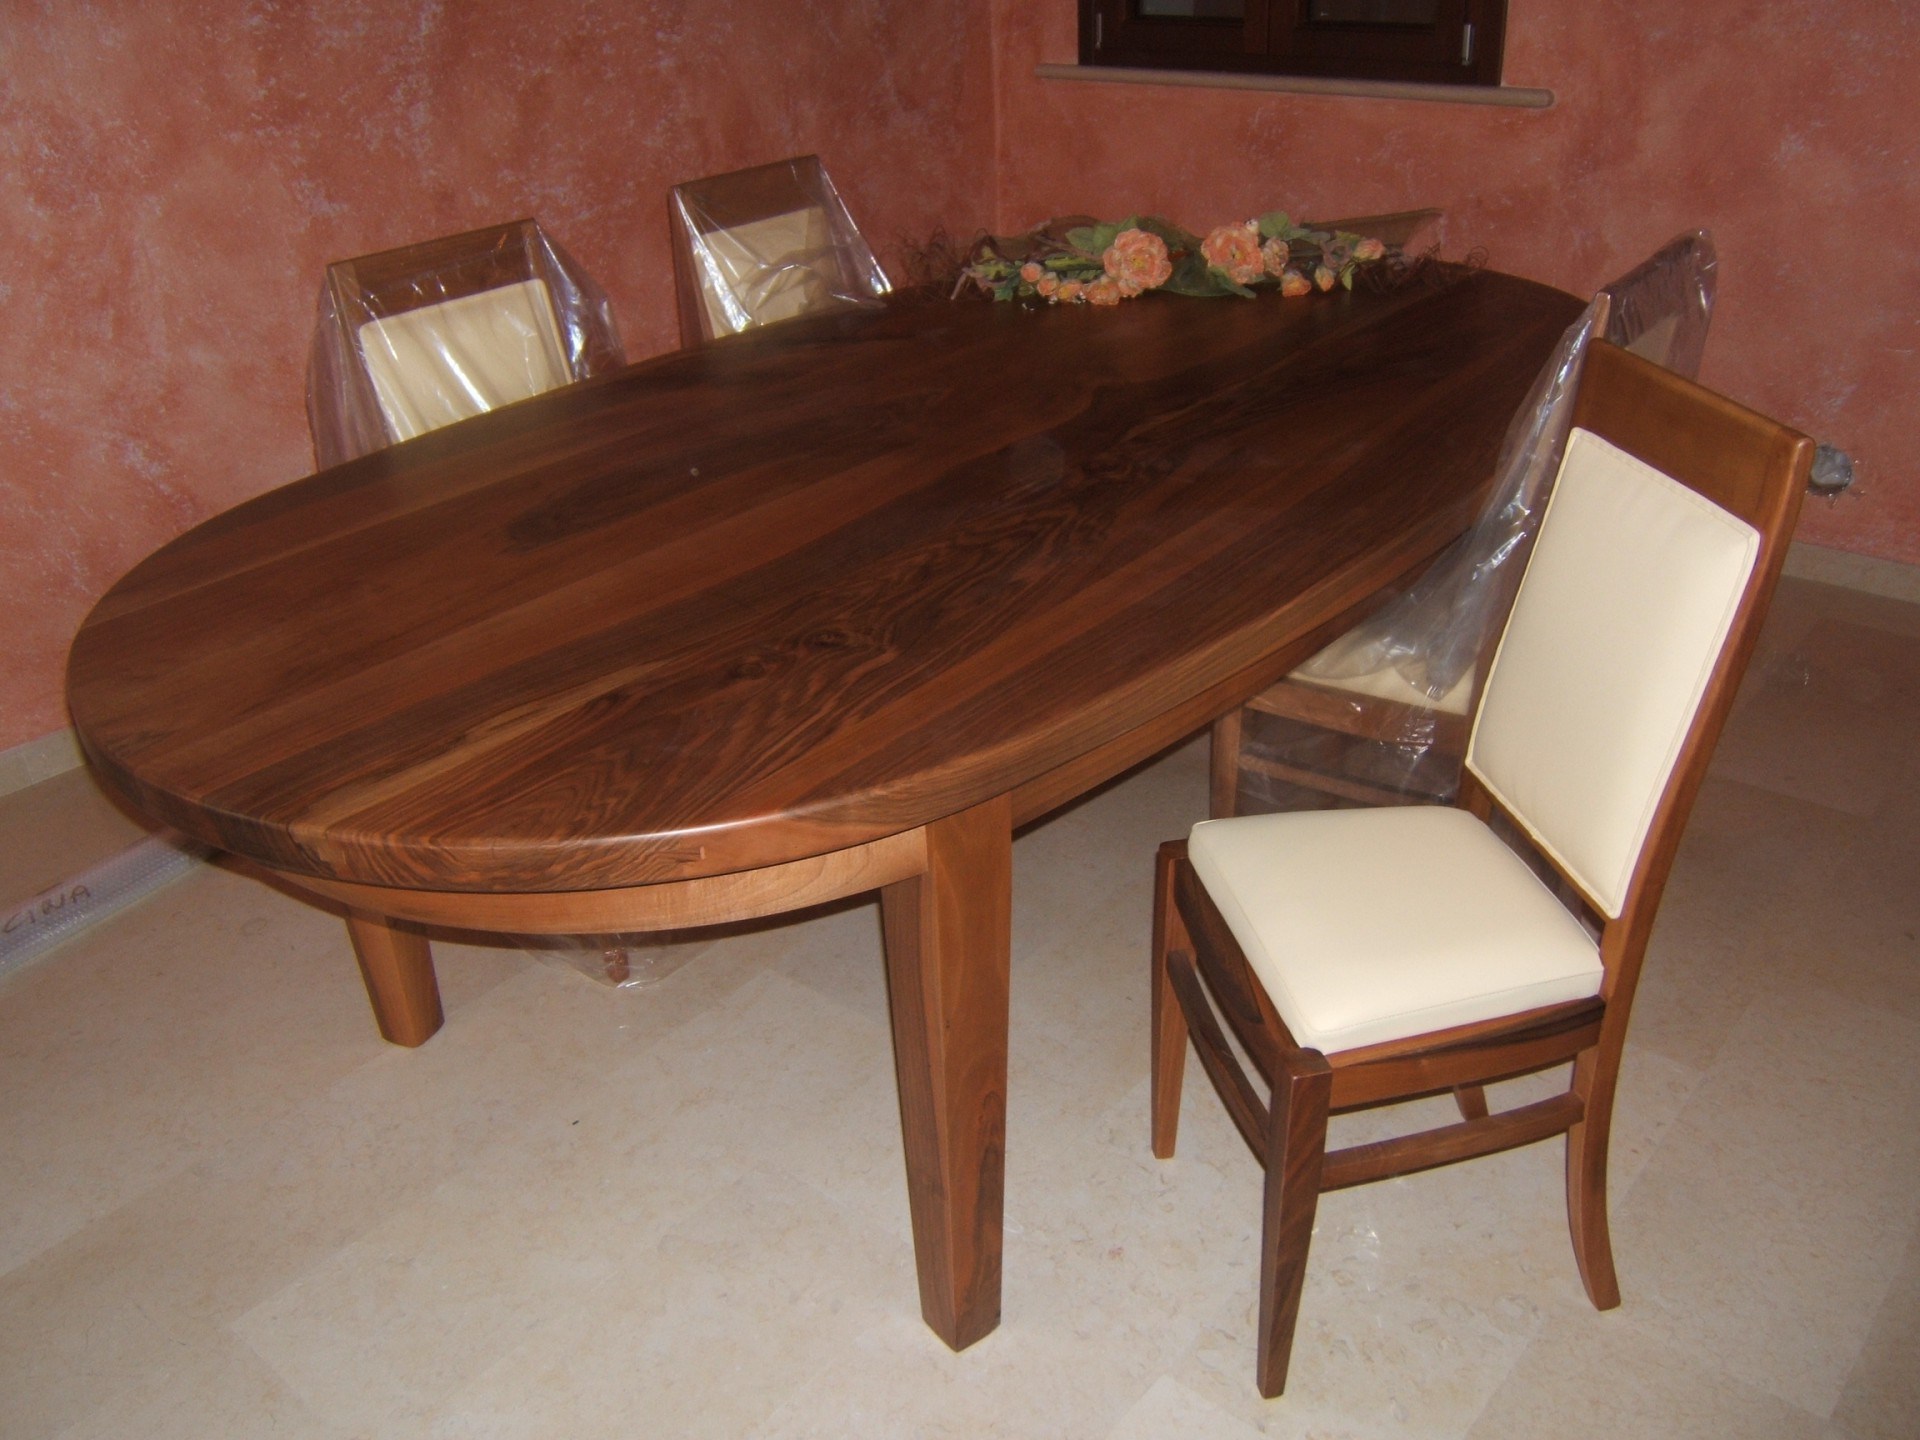 Tavoli in legno su misura fadini mobili cerea verona - Tavolo legno naturale ...